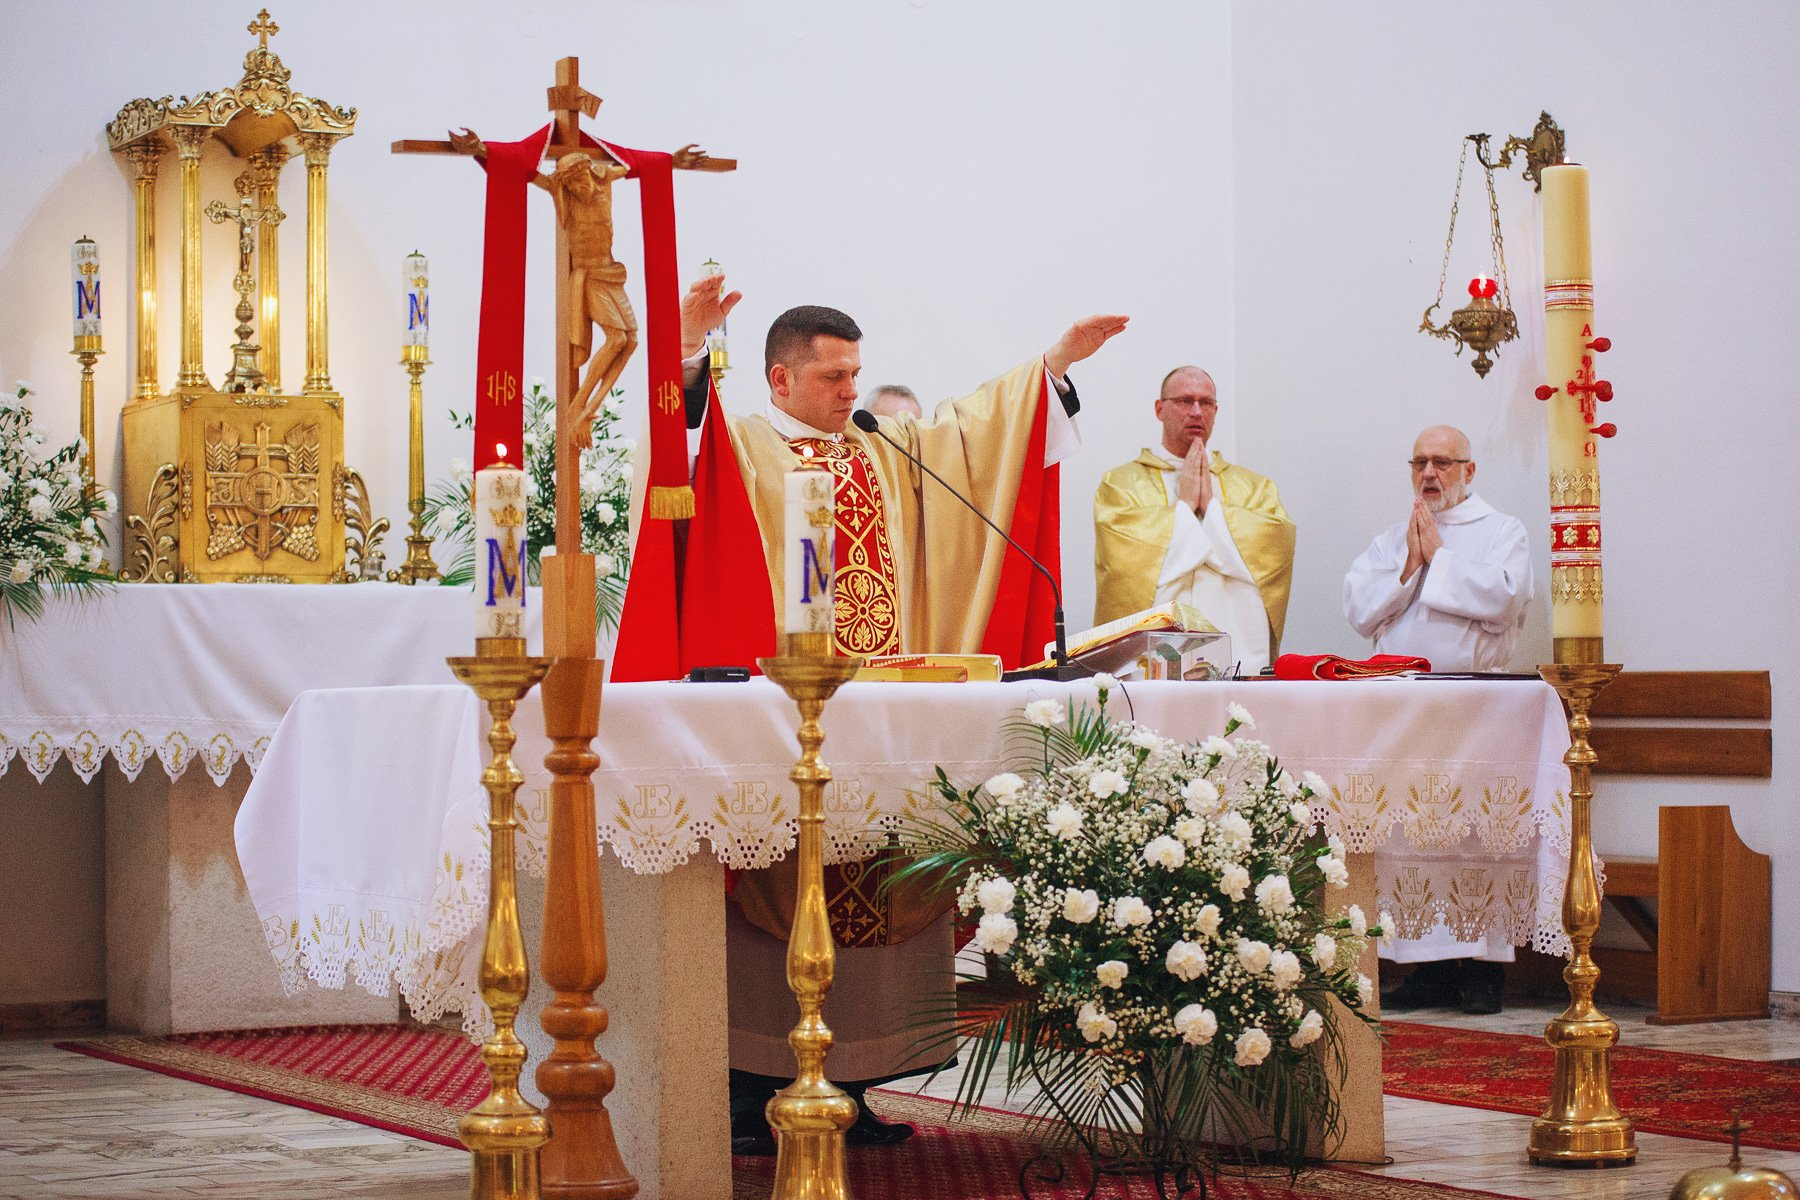 fotograf slub bielsko biala ania maciej 79 - Ślub w Bielsku-Białej - ANIA & MACIEJ